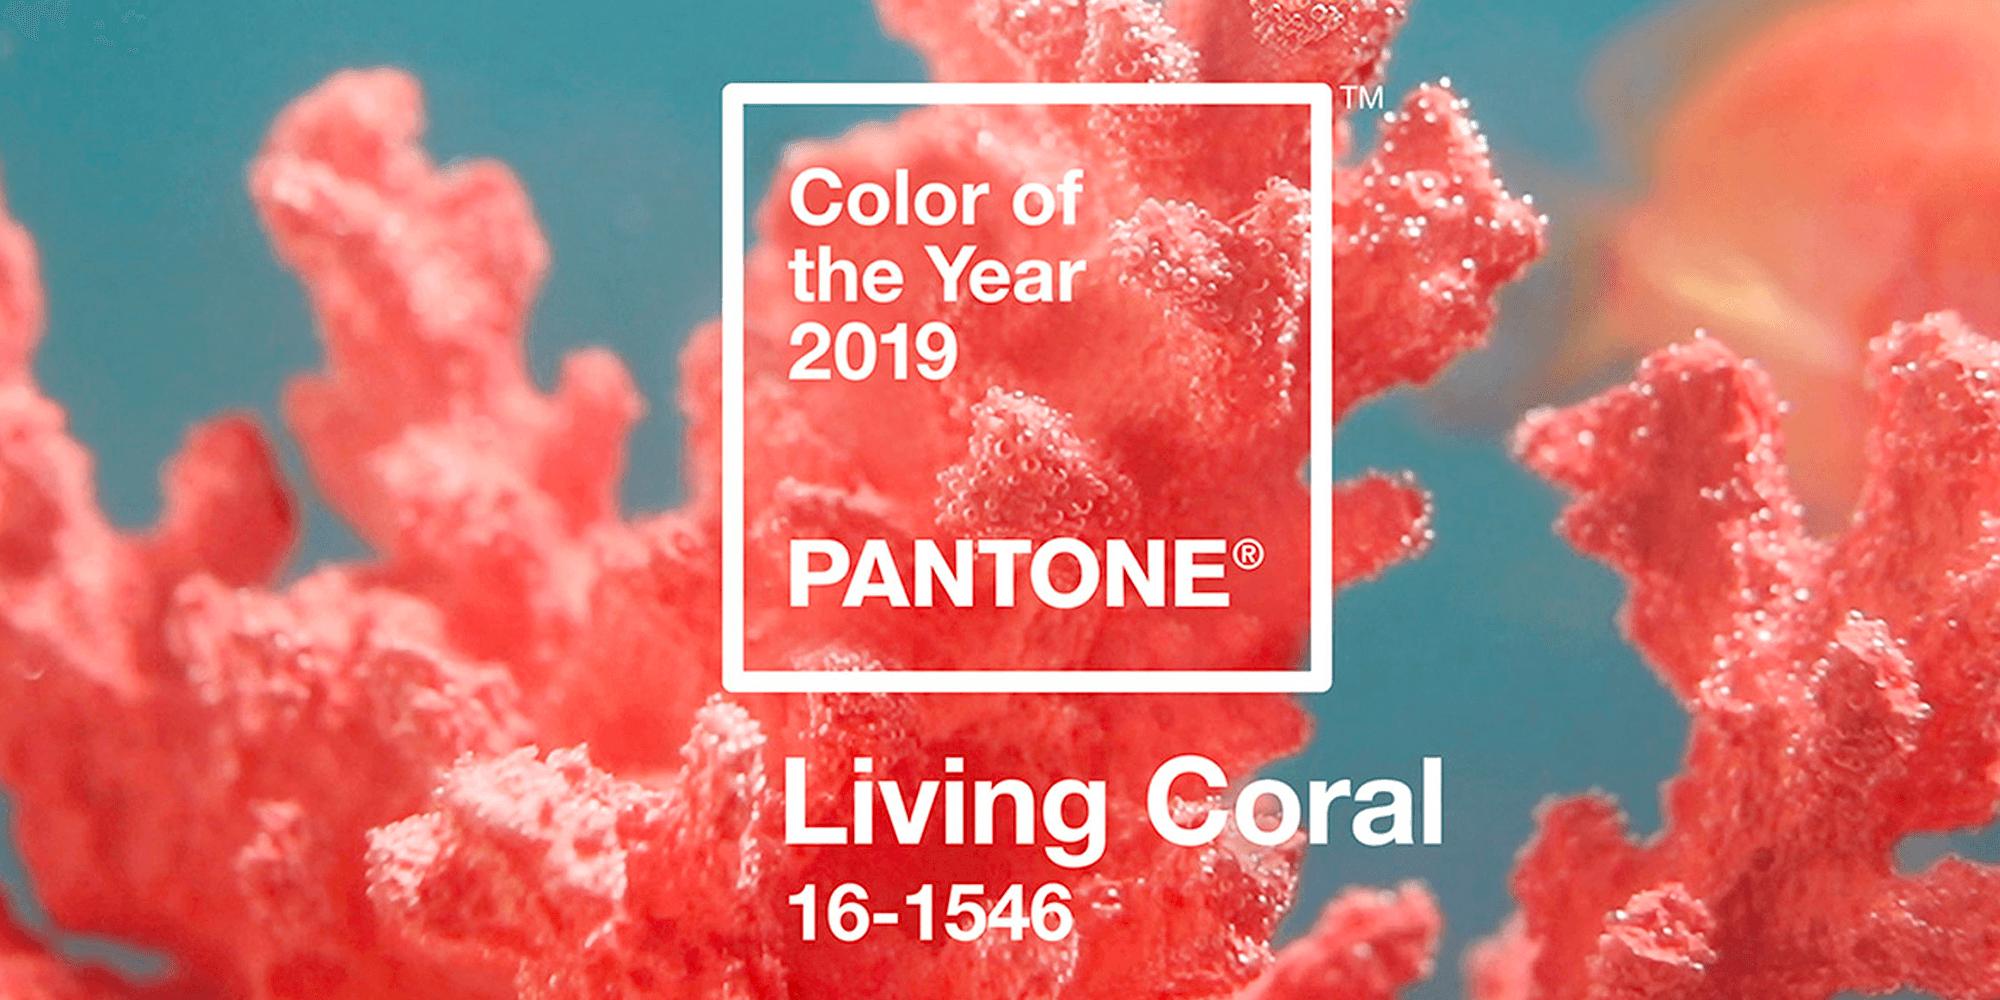 Couleur Pantone De L Année 2017 et les couleurs de l'année sont - ic lemag